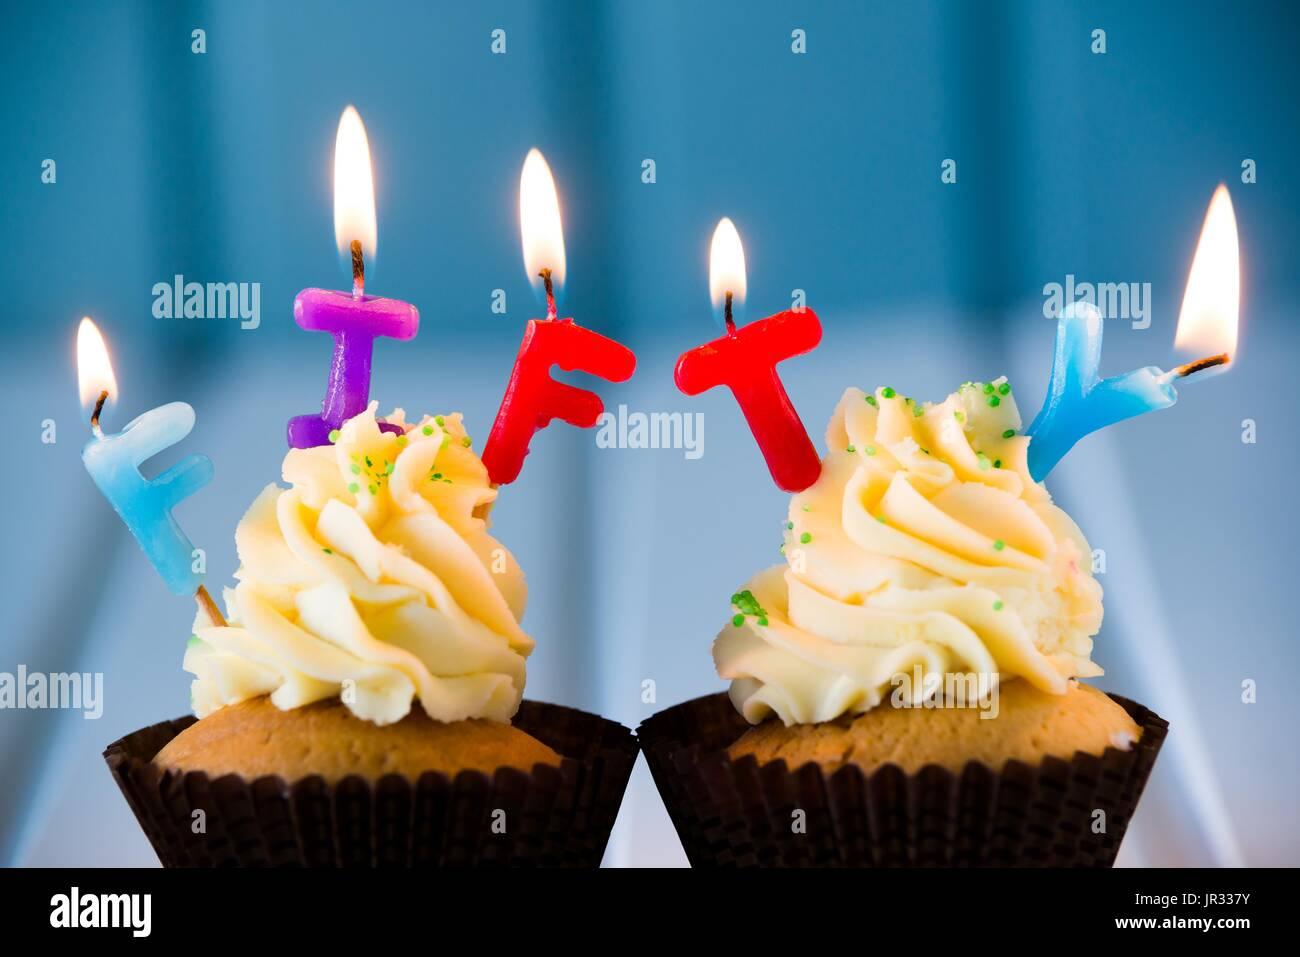 Geburtstagskuchen Cupcake Mit Kerzen Fur 50 50 Geburtstag